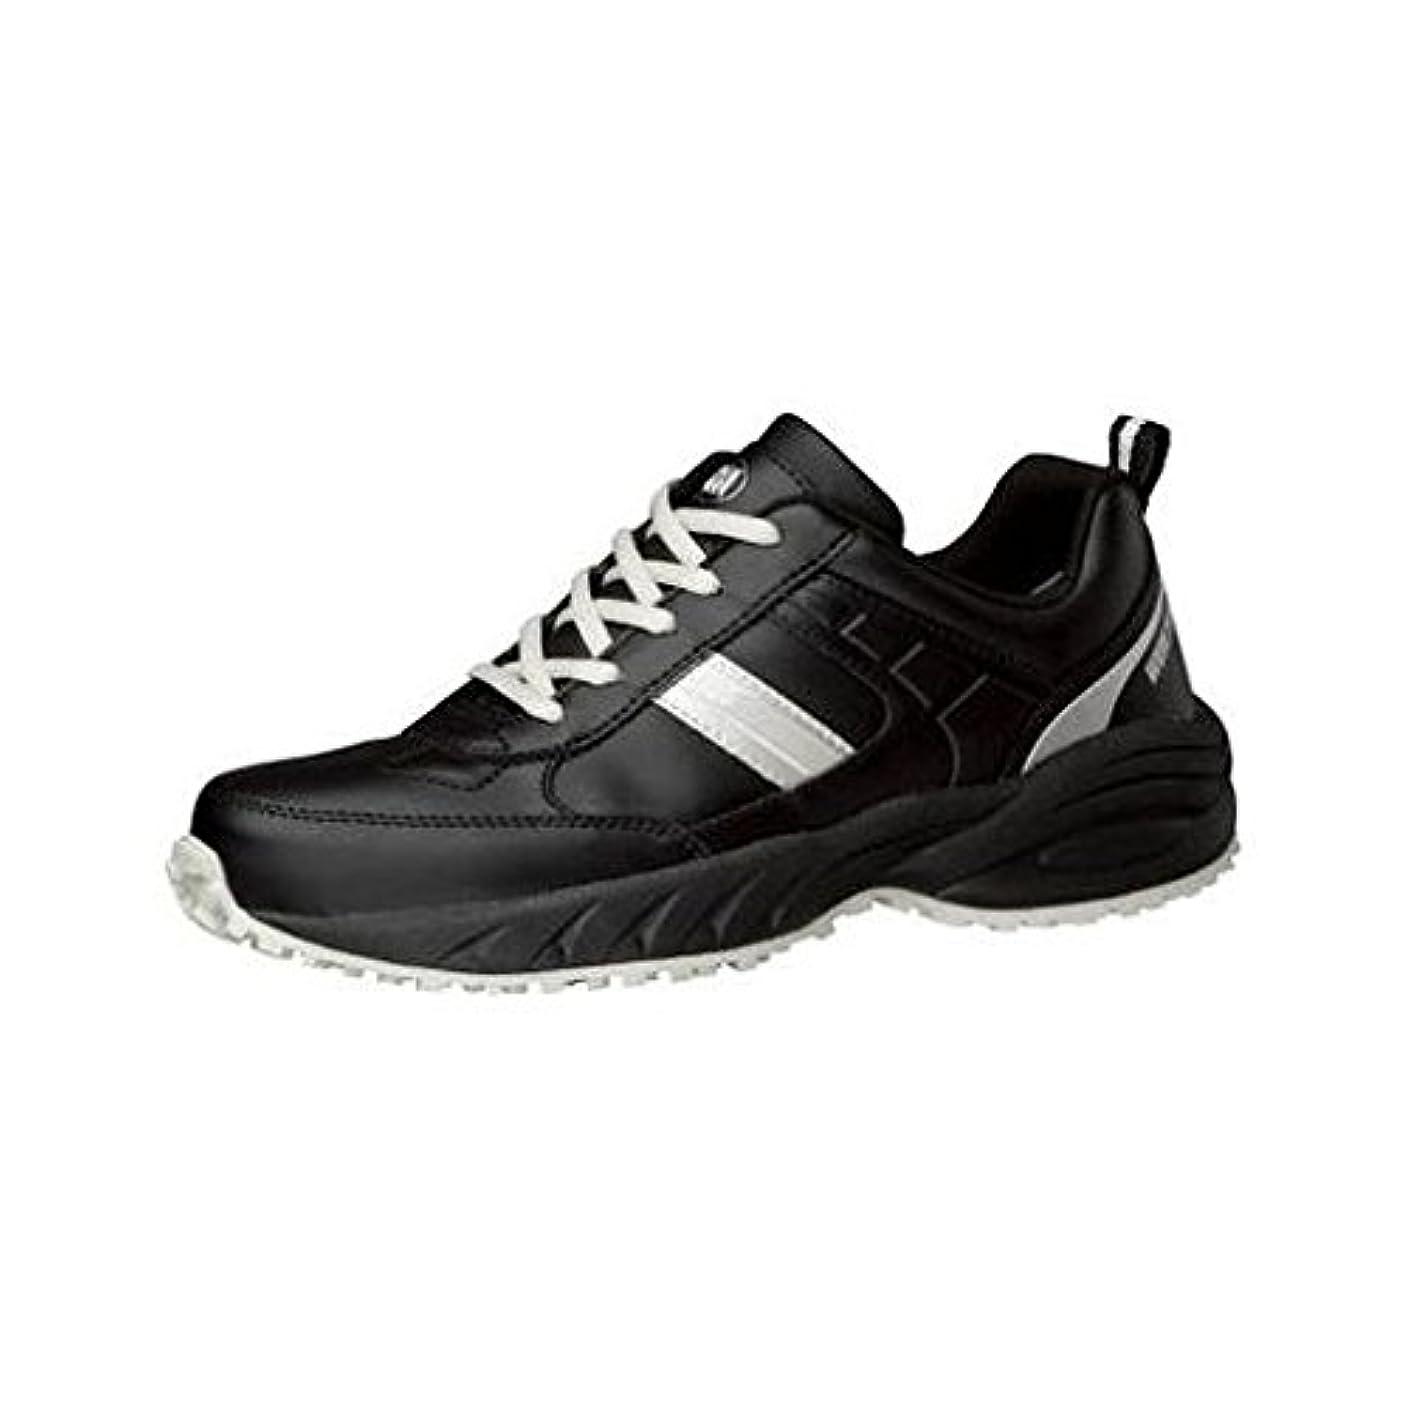 倫理スロープ定数FV29394 耐滑 清掃作業員向け作業靴 BMG-10 22.5CM